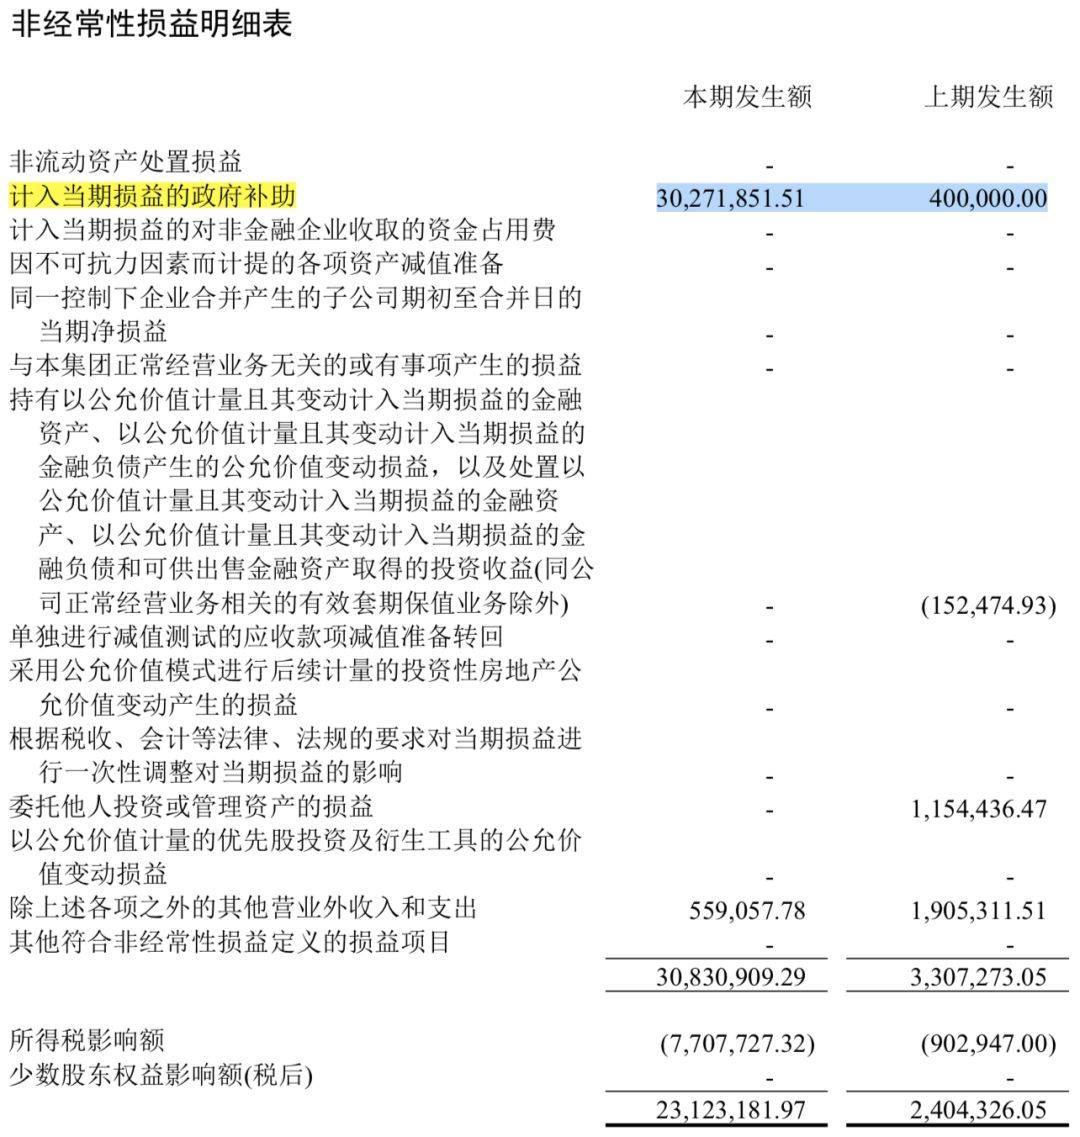 唐人影视上半年扣非后净利润同比下降43%,政府补贴收入高达3000万